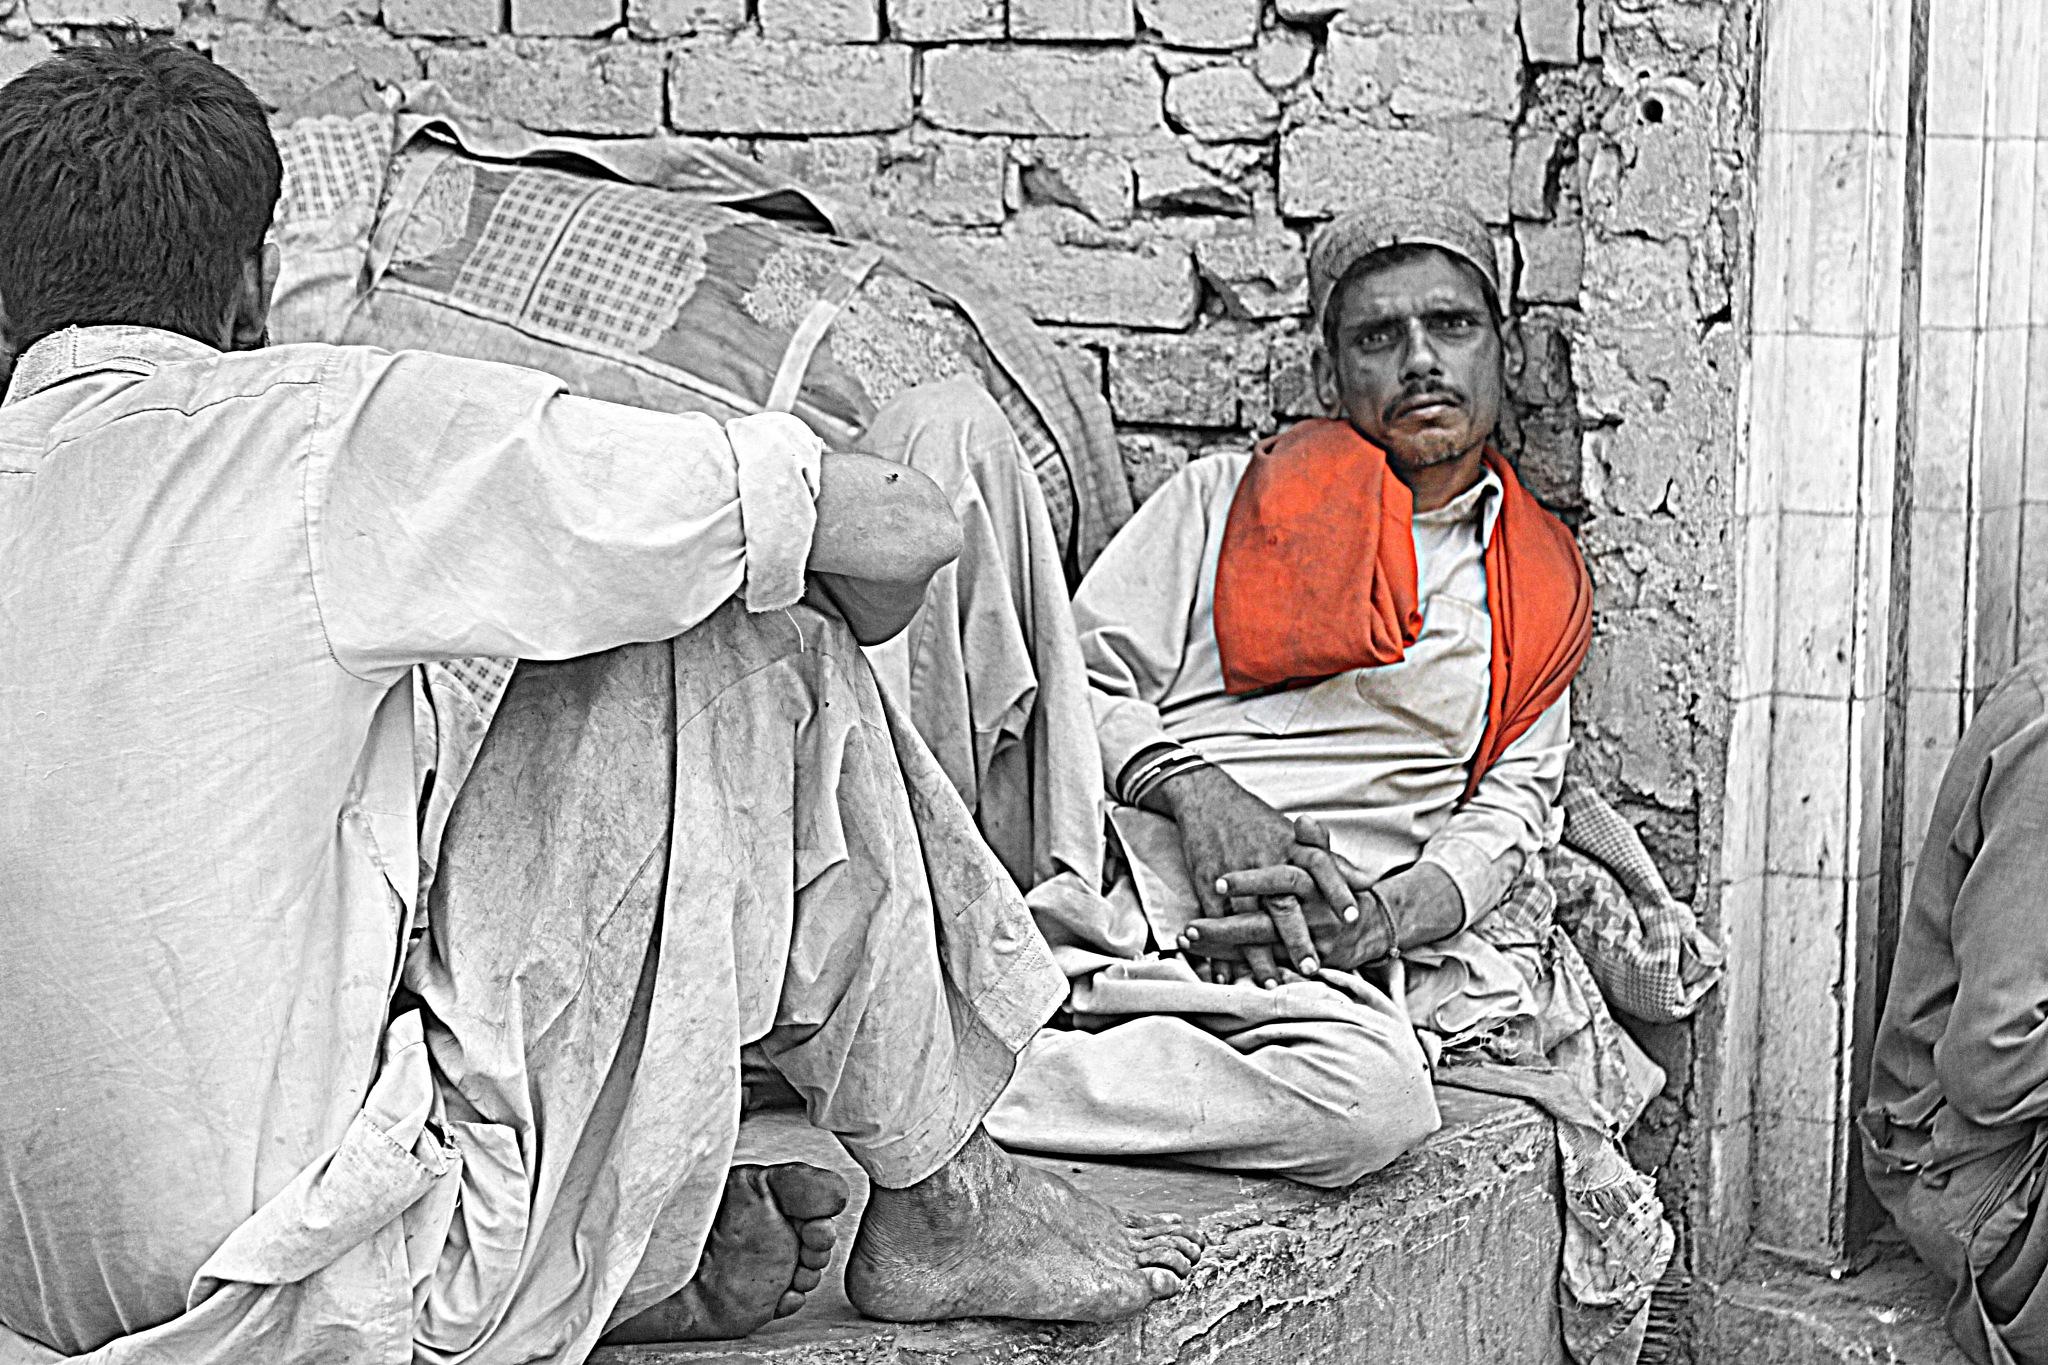 #streetphotography #atiaclicks  by Atia Rajpoot